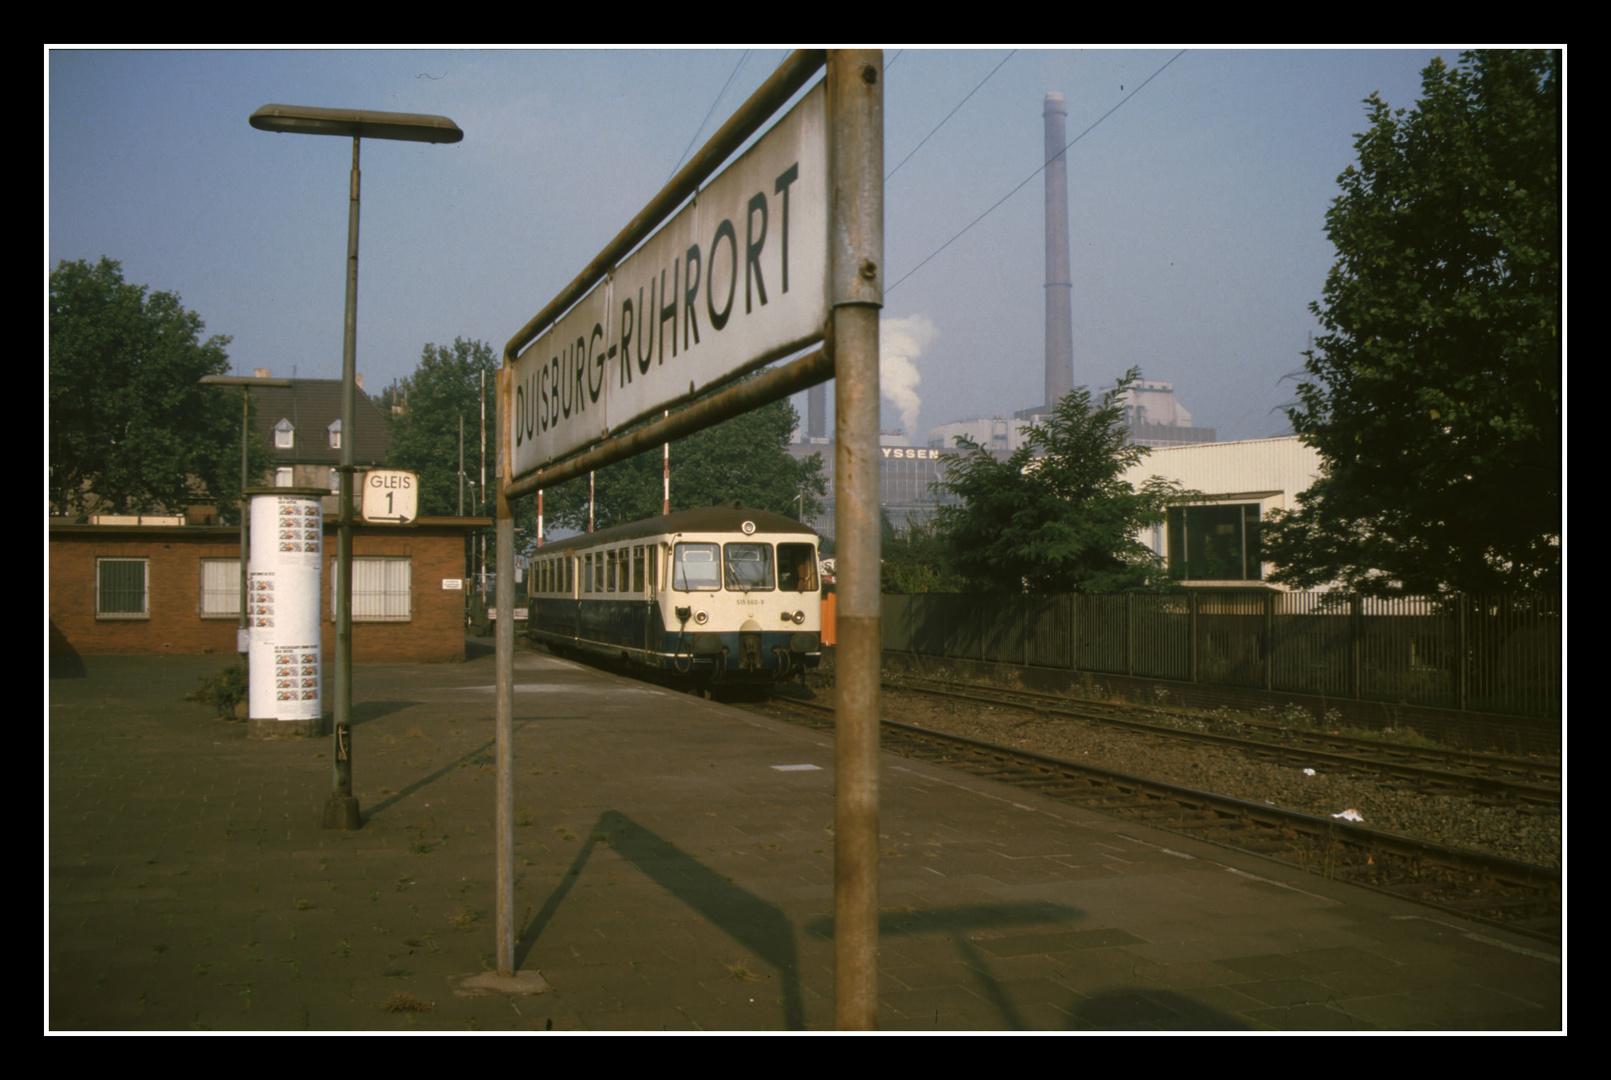 Duisburg Ruhrort im September 1985